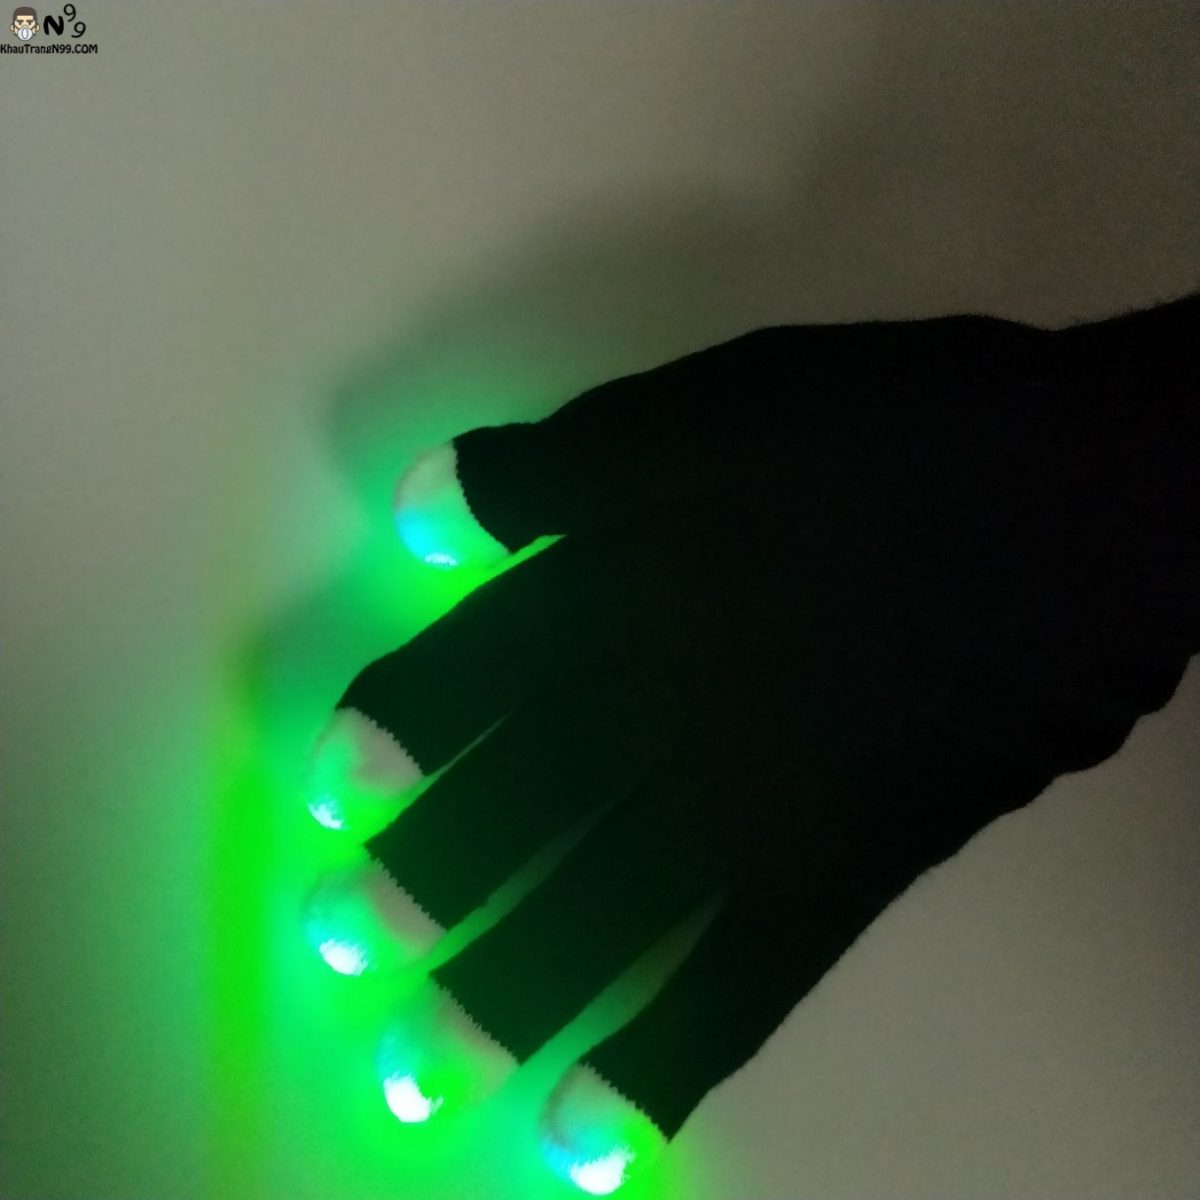 găng tay phát sáng đèn led